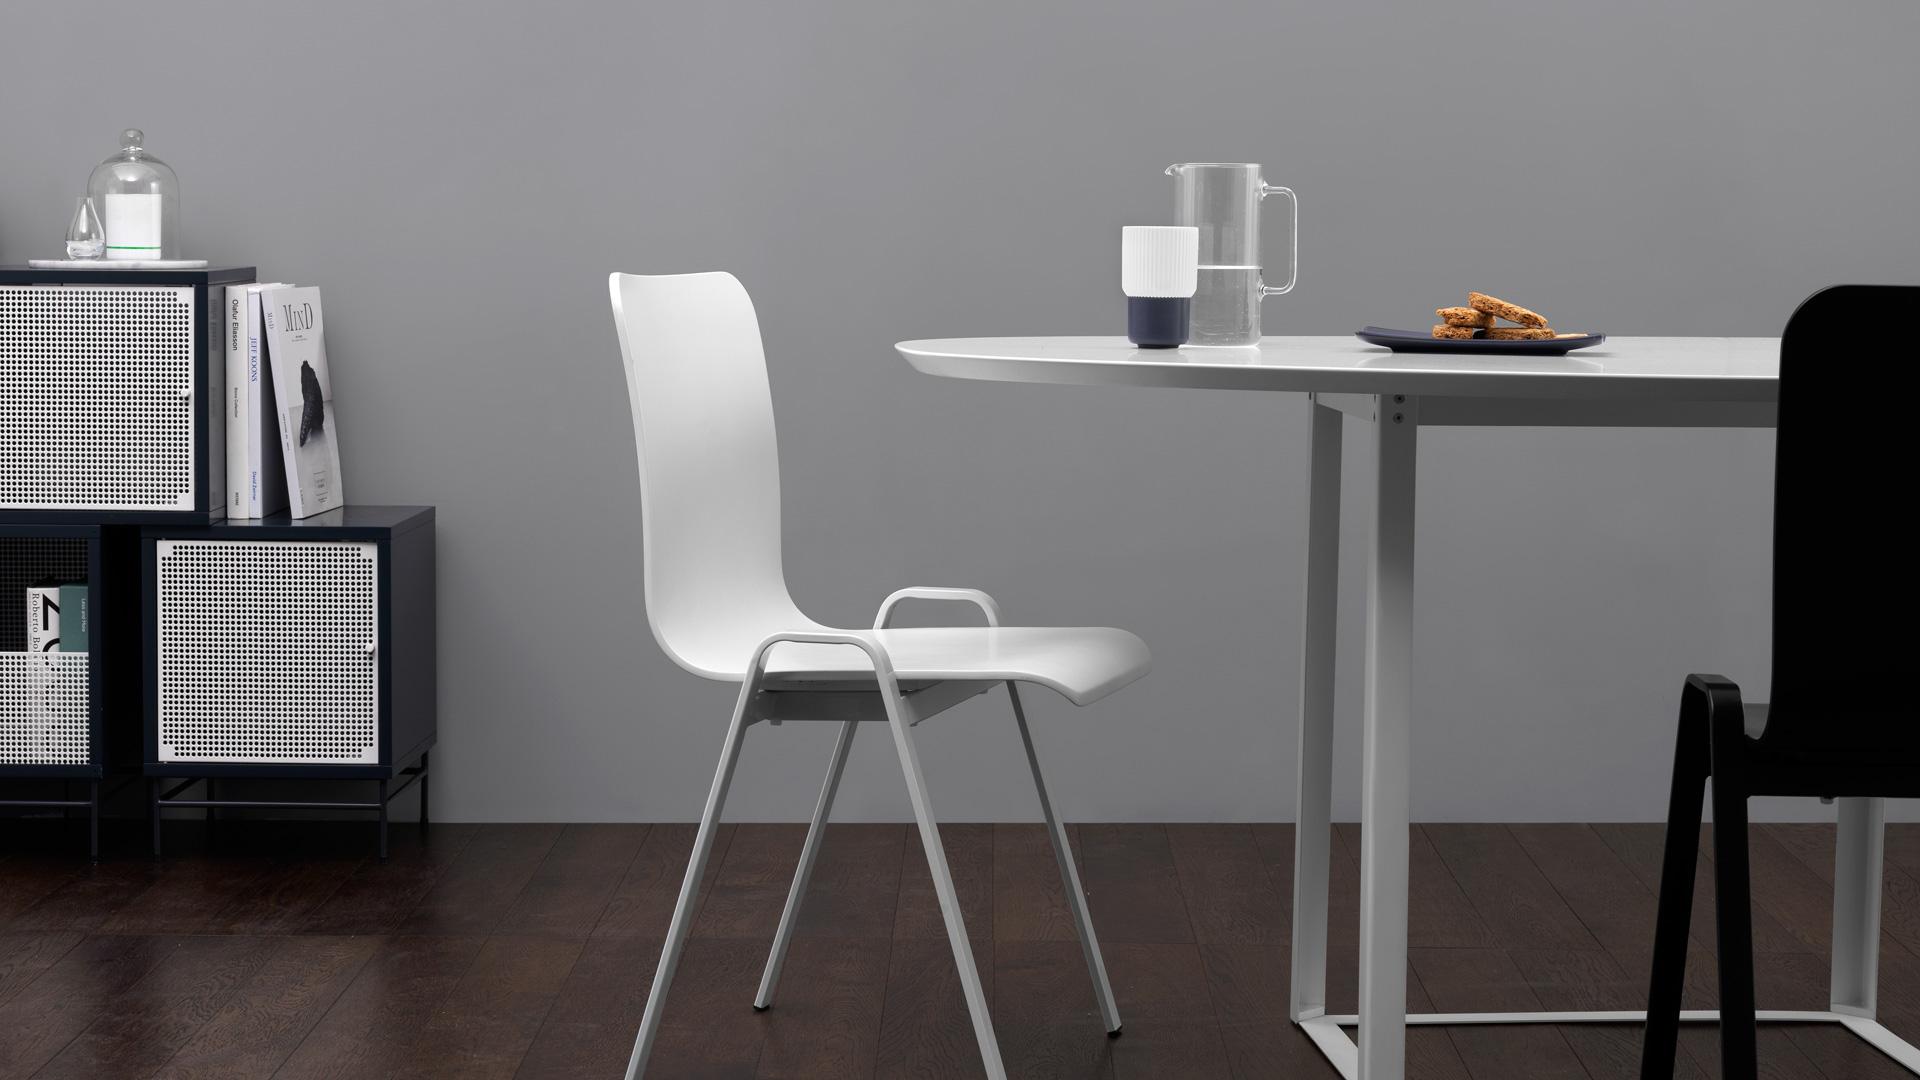 不加多余修饰的硬朗支撑,给餐厅简洁大气的质感,搭配同色系餐桌和餐具,带来清爽不流俗的个性格调。?x-oss-process=image/format,jpg/interlace,1